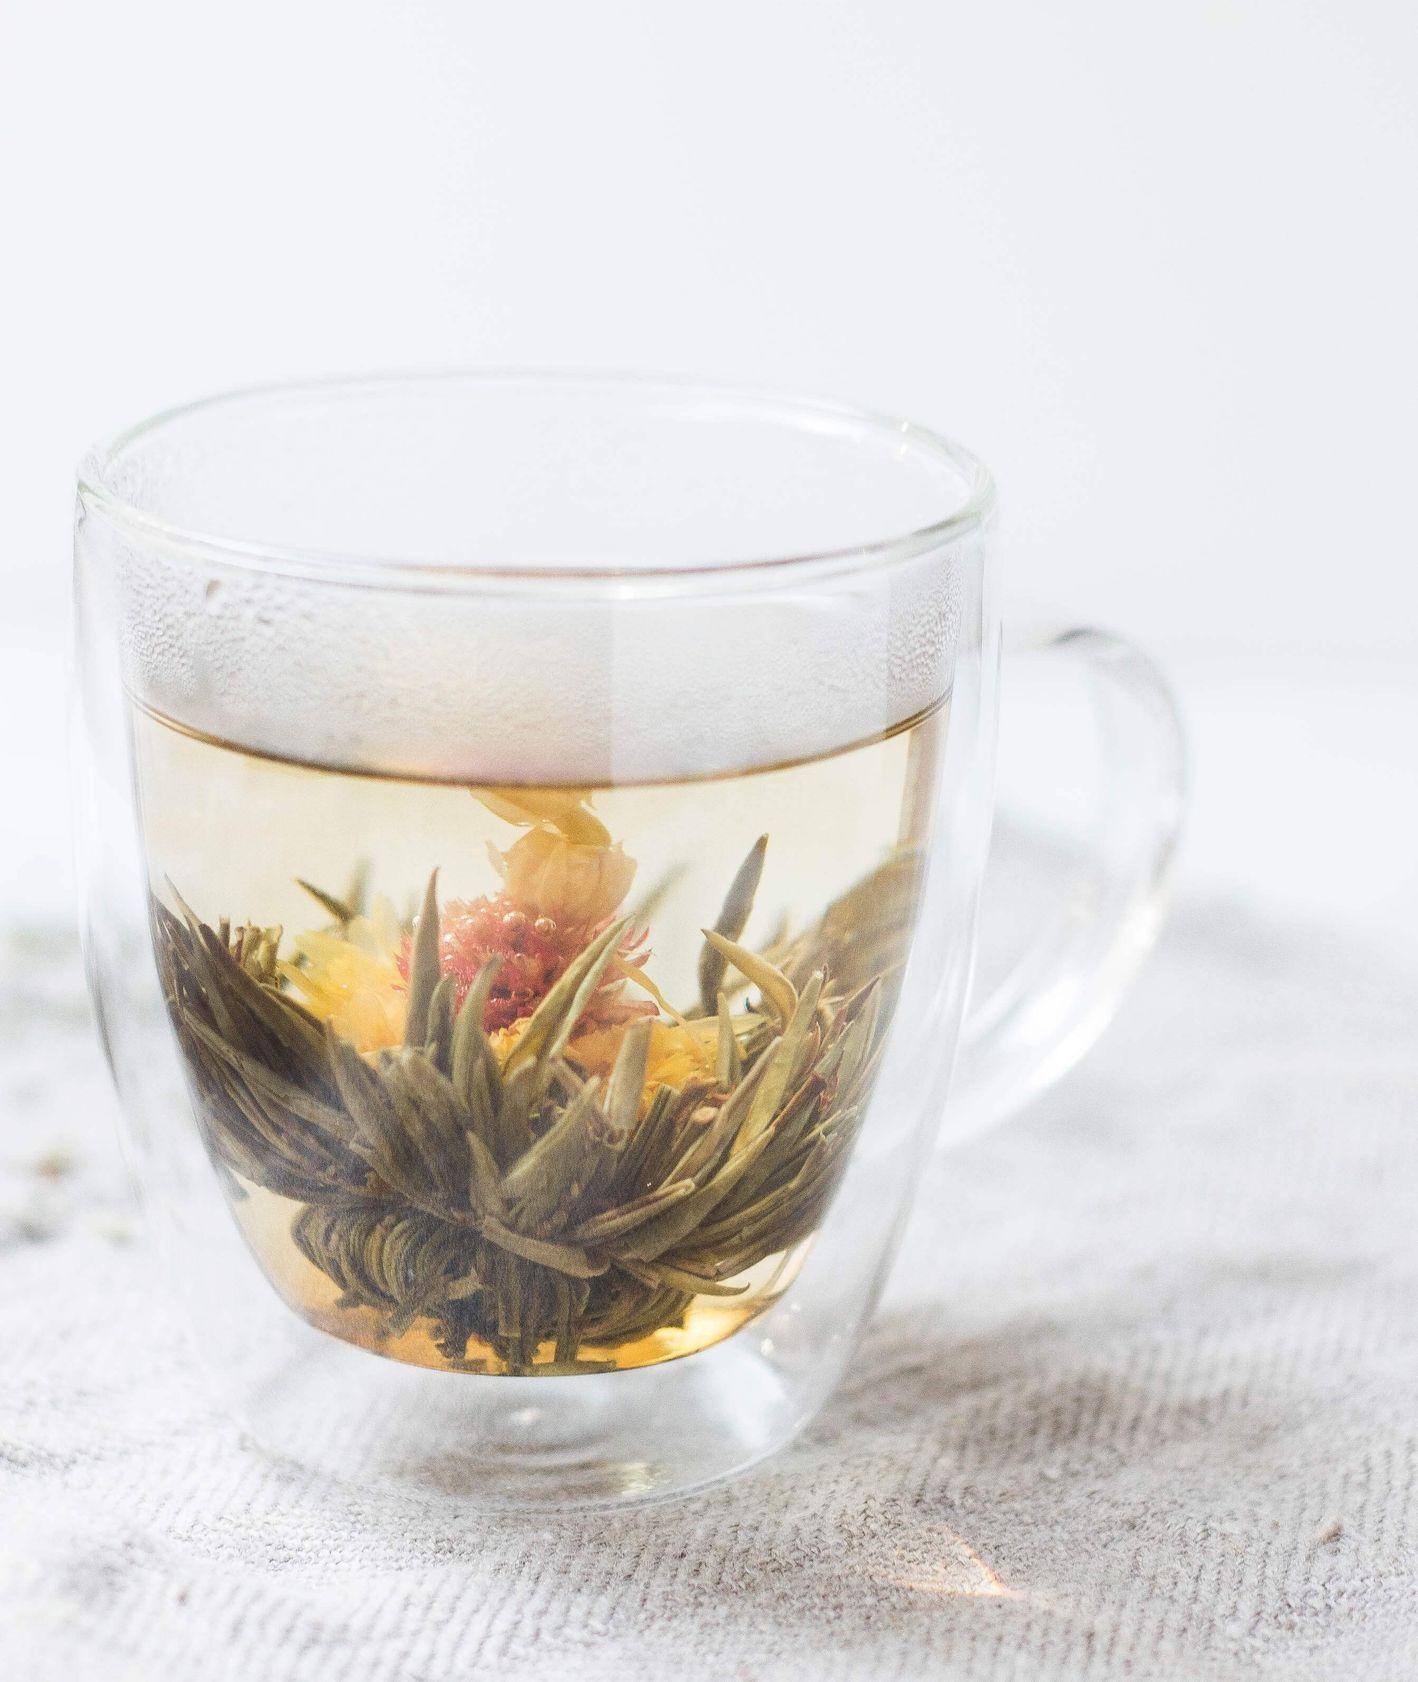 Kubek zielonej herbaty na białym płótnie w szklanym kubku. (fot. Alison Marras / unsplash.com)